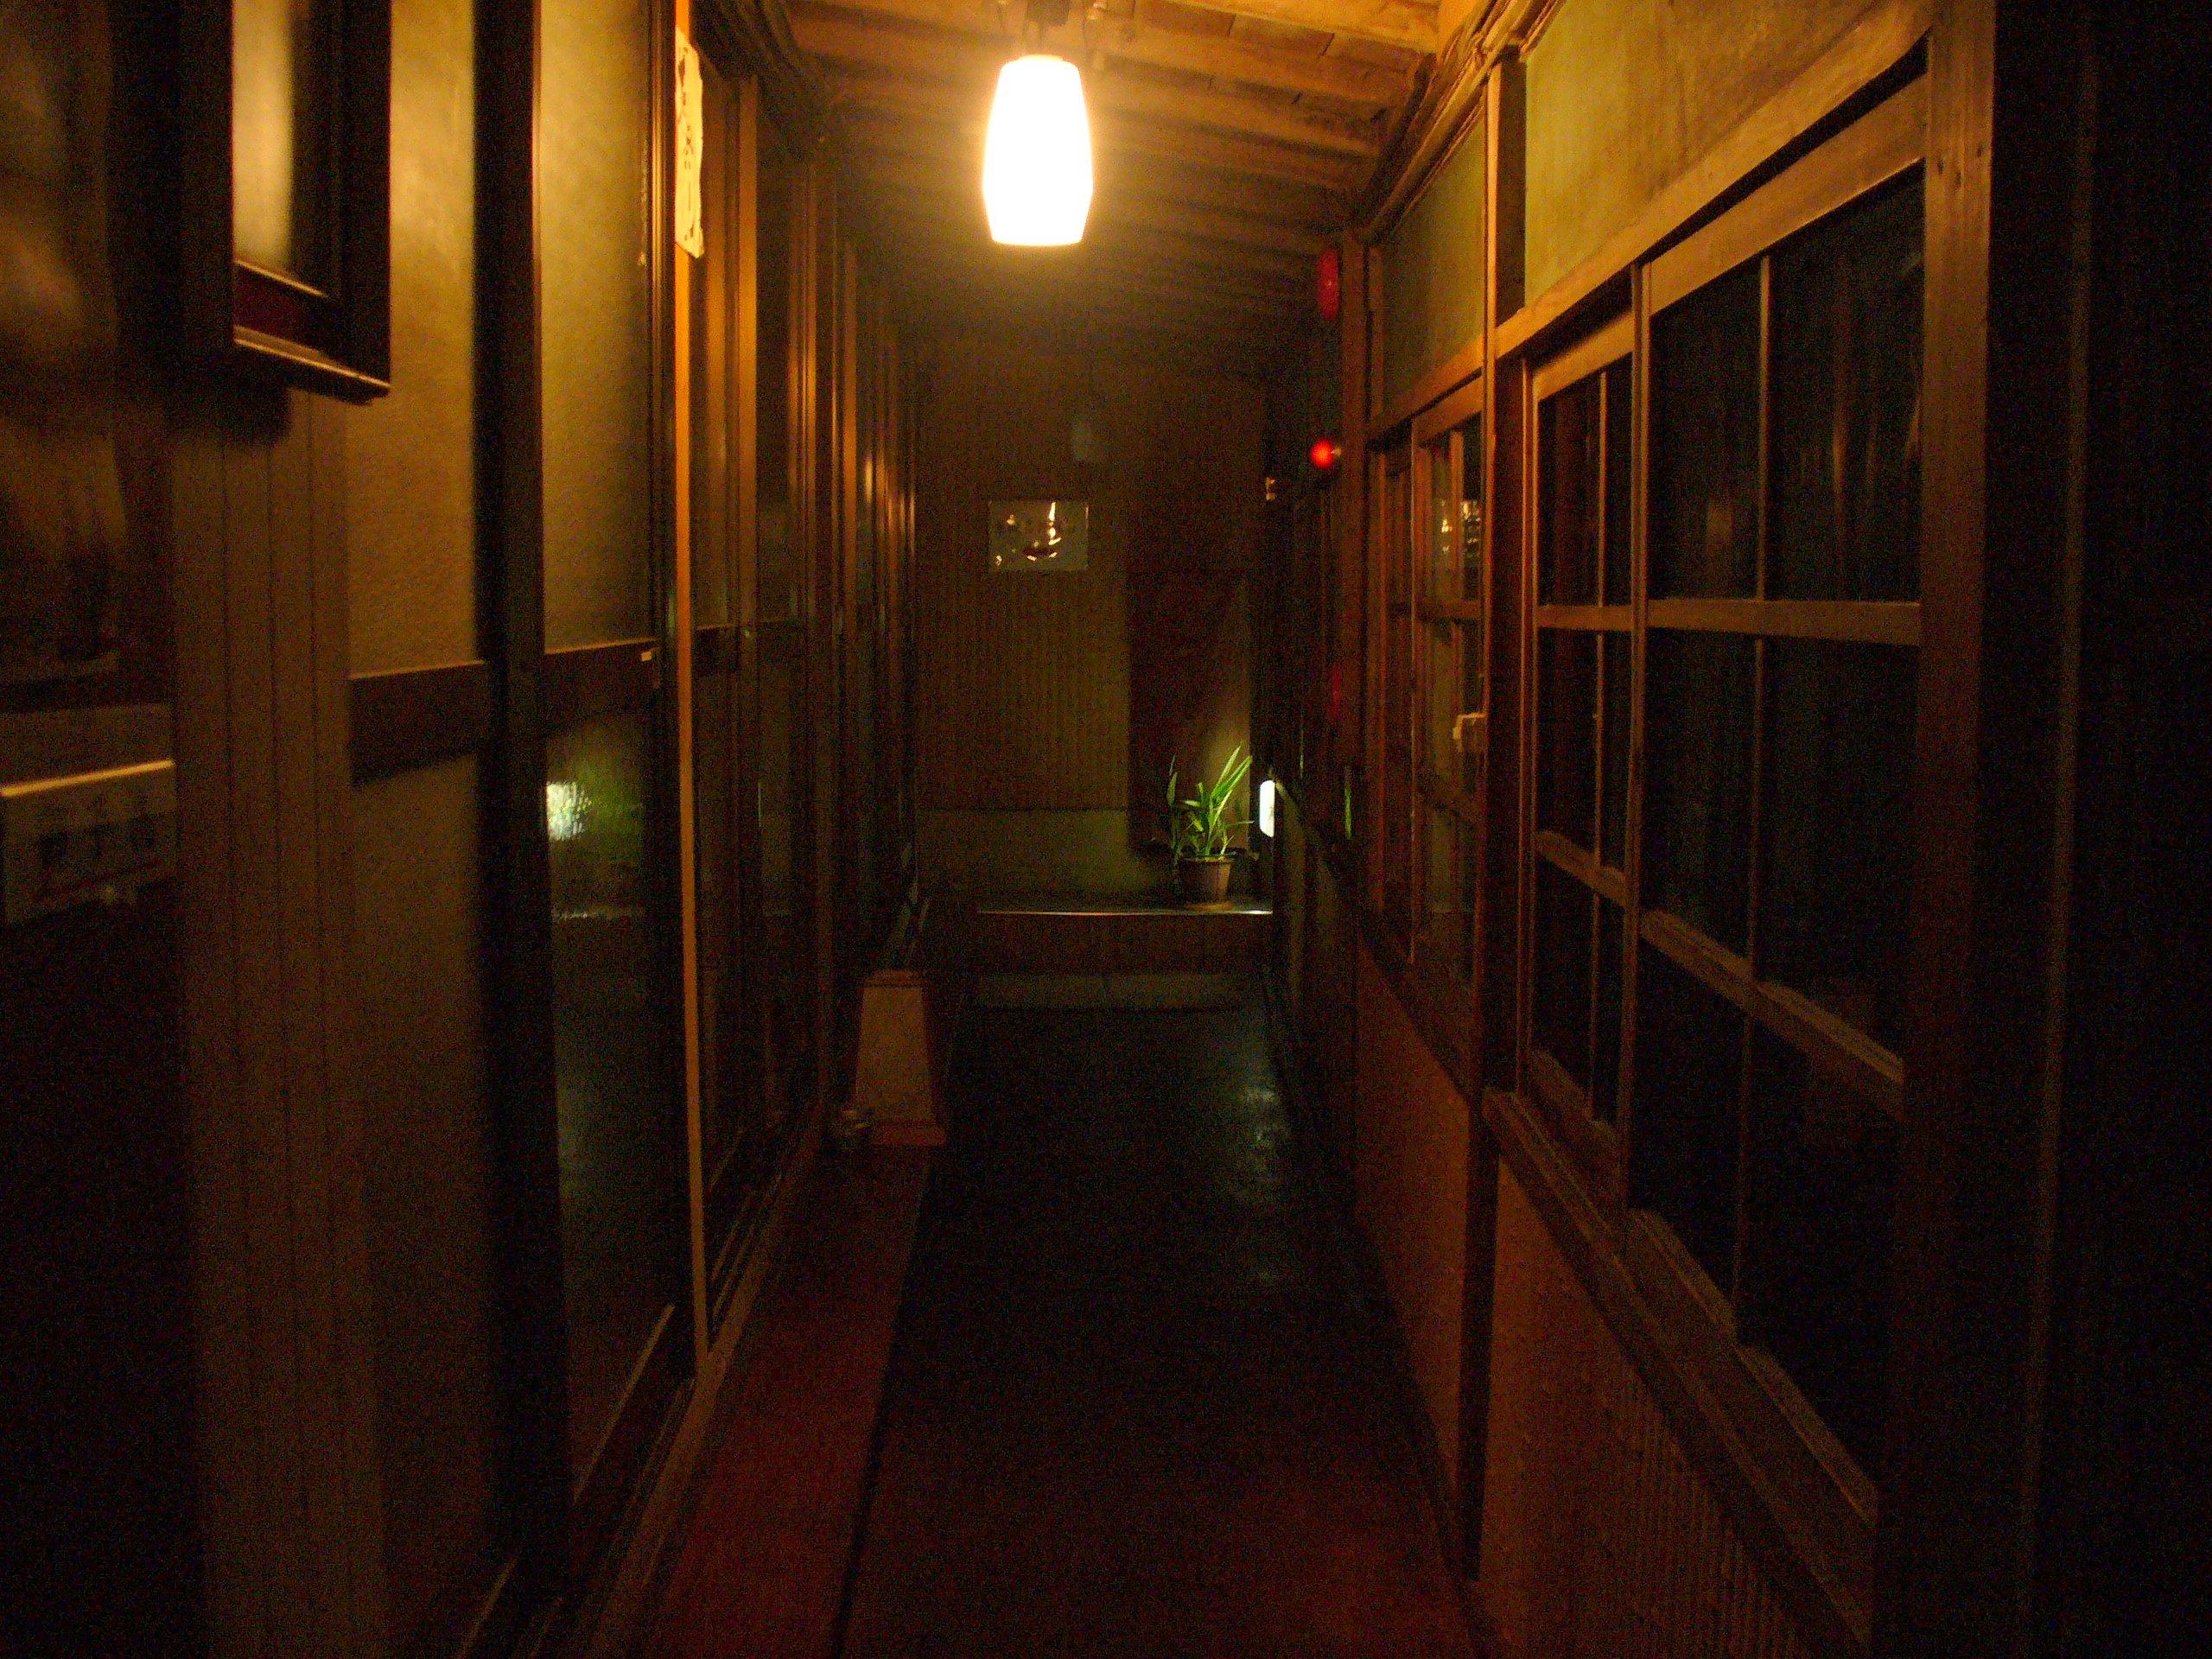 誰もいない、静かな夜の廊下。